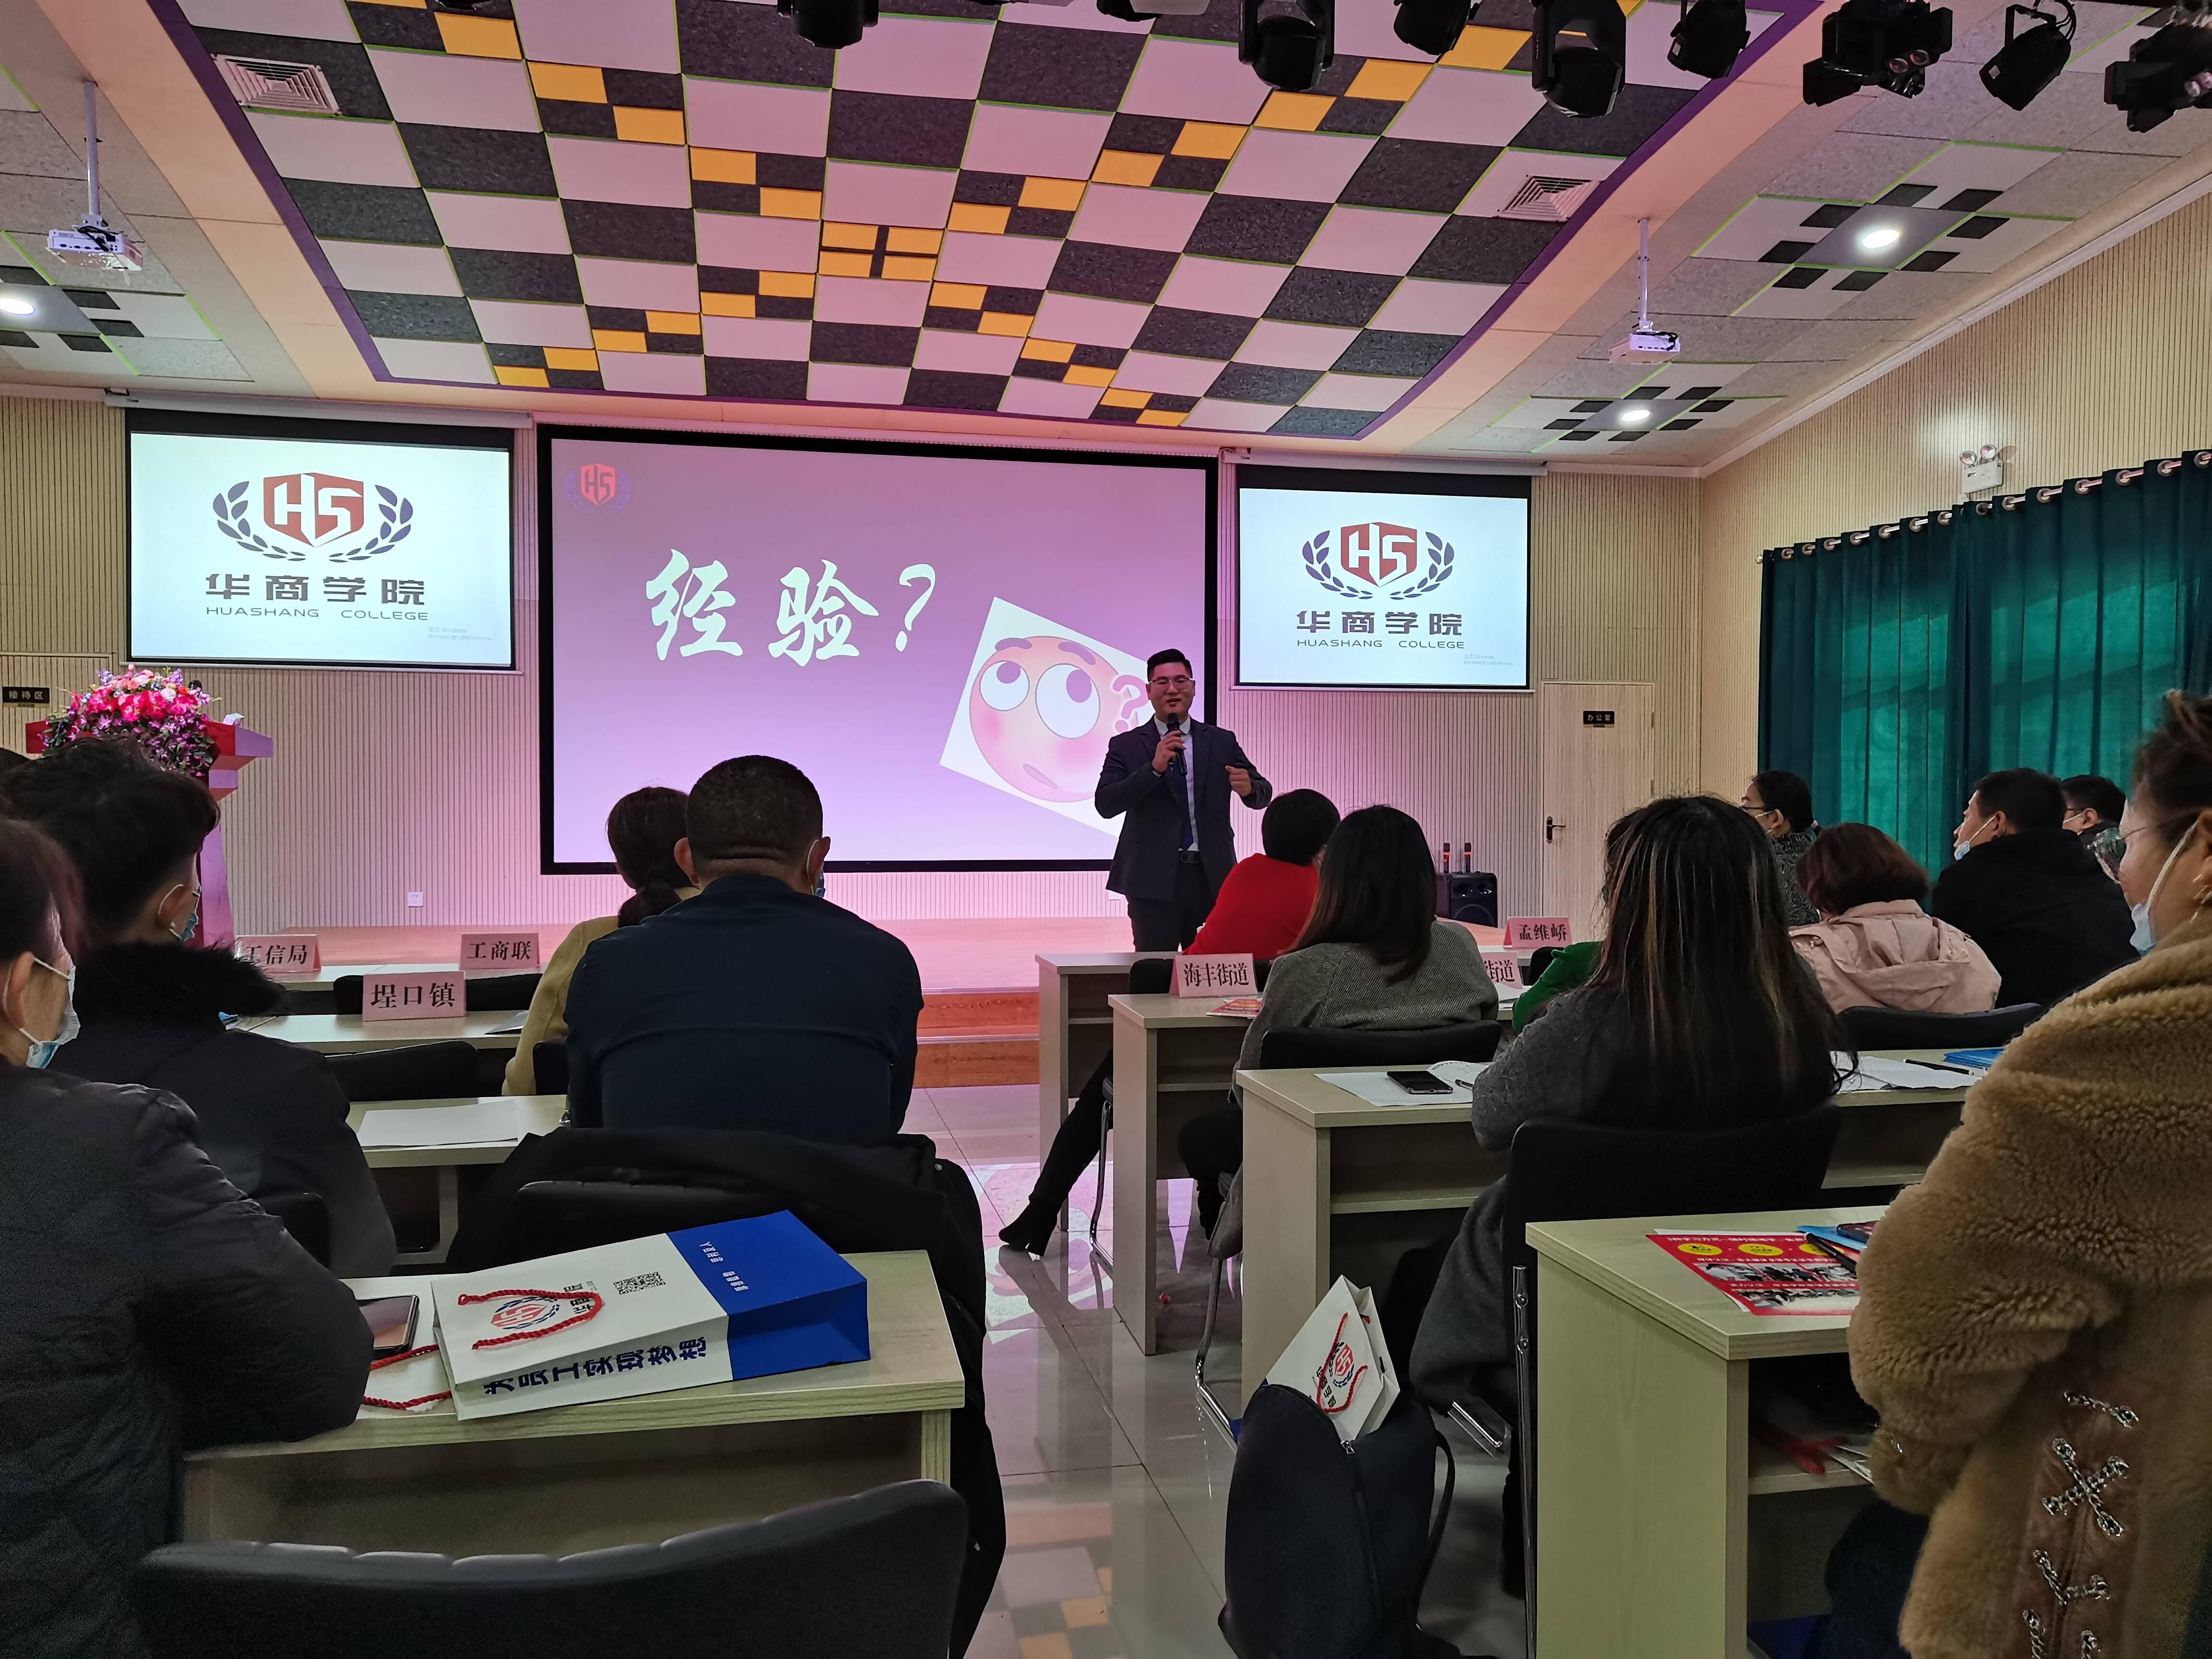 无棣县民营企业商业模式创新线上直播带货技能培训班开班